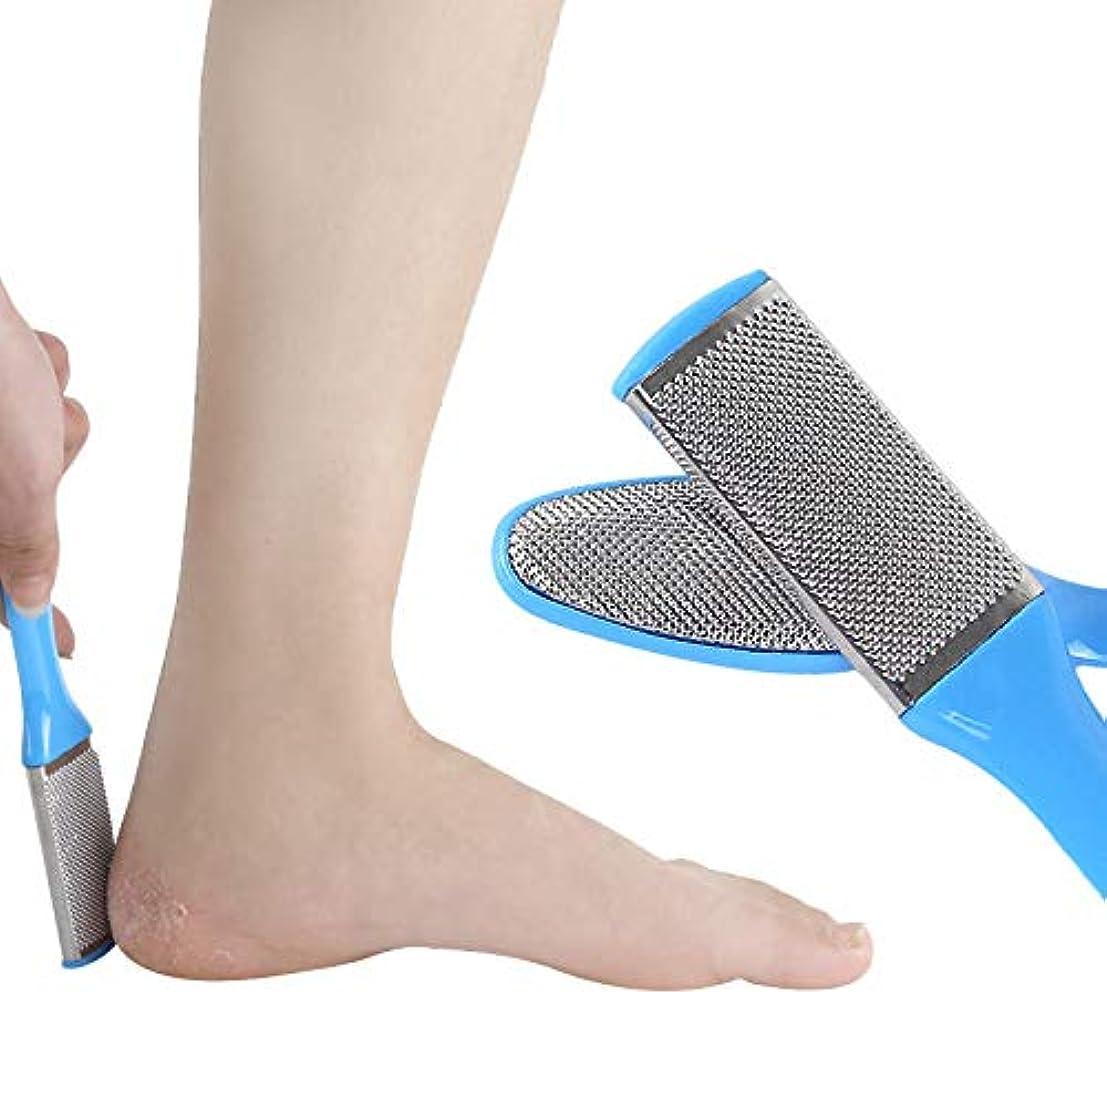 ブラストダルセット類似性yuio 男性用女性用ペディキュアセット8個フットファイルフットラスプ乾いた足と濡れた足に最適なカルスリムーバー、角質除去、ハードスキン、外科用グレードのステンレスファイル